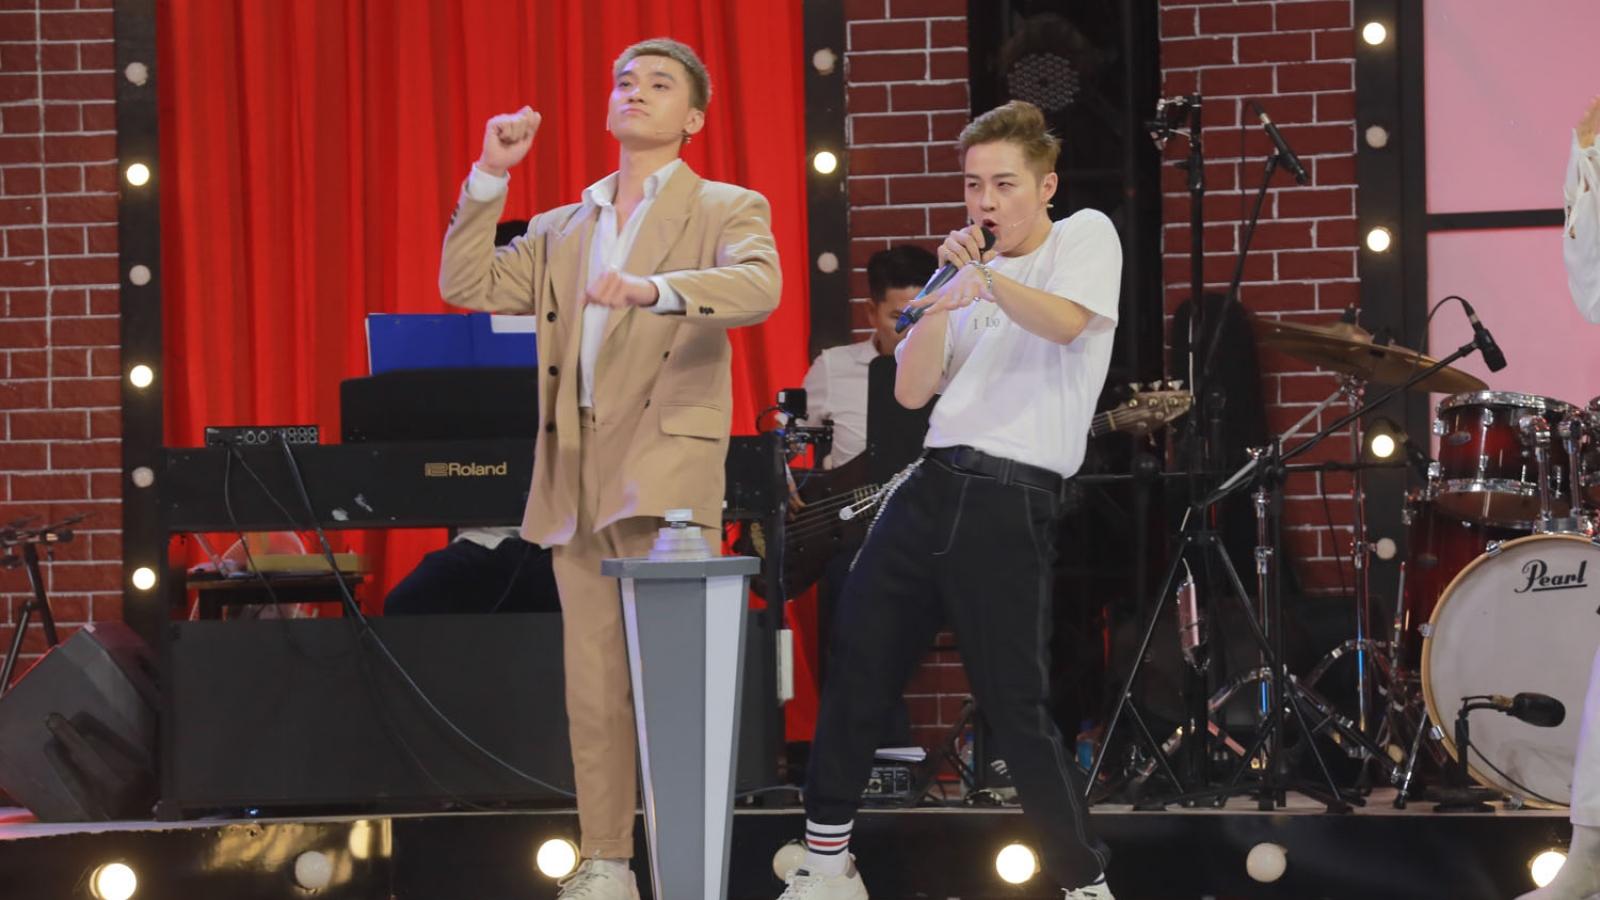 Ca sĩ Thanh Duy bối rối vì không thuộc lời bản hit của Sơn Tùng M-TP